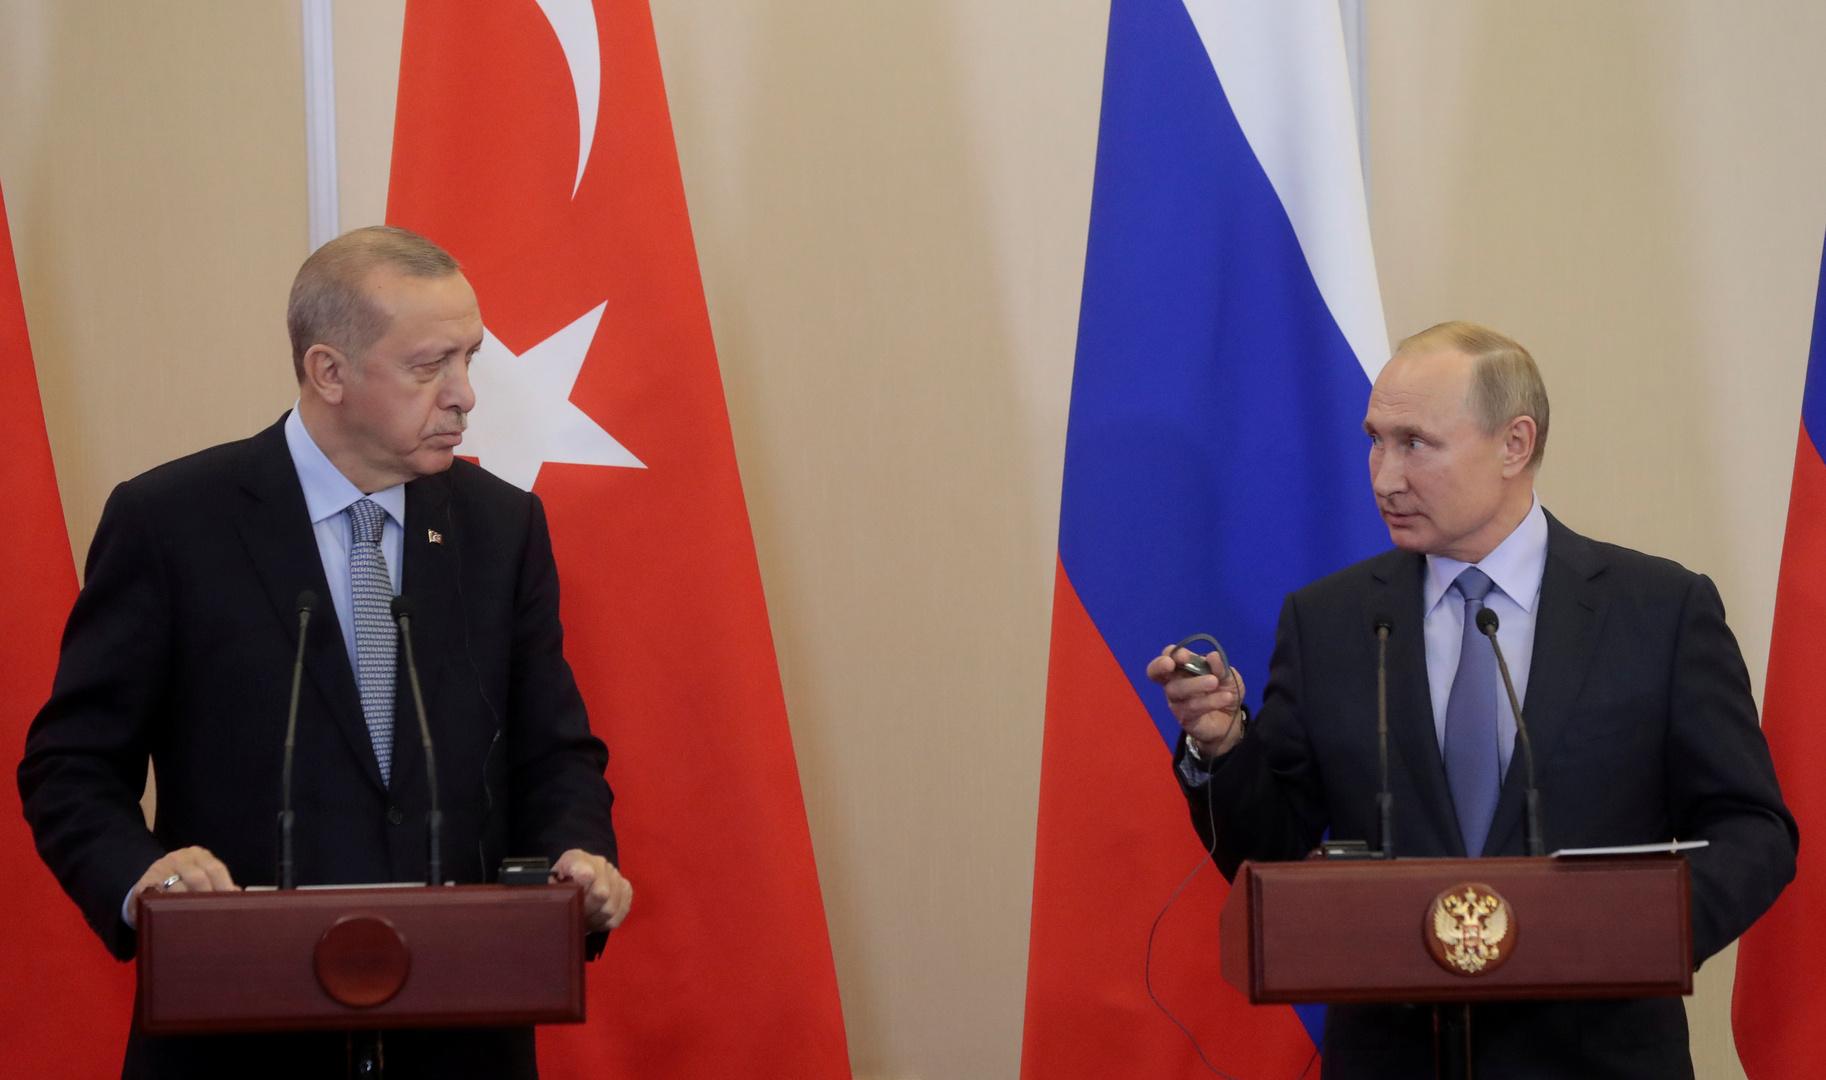 يحاولون زرع الشقاق بين تركيا وروسيا بأقذر الطرق